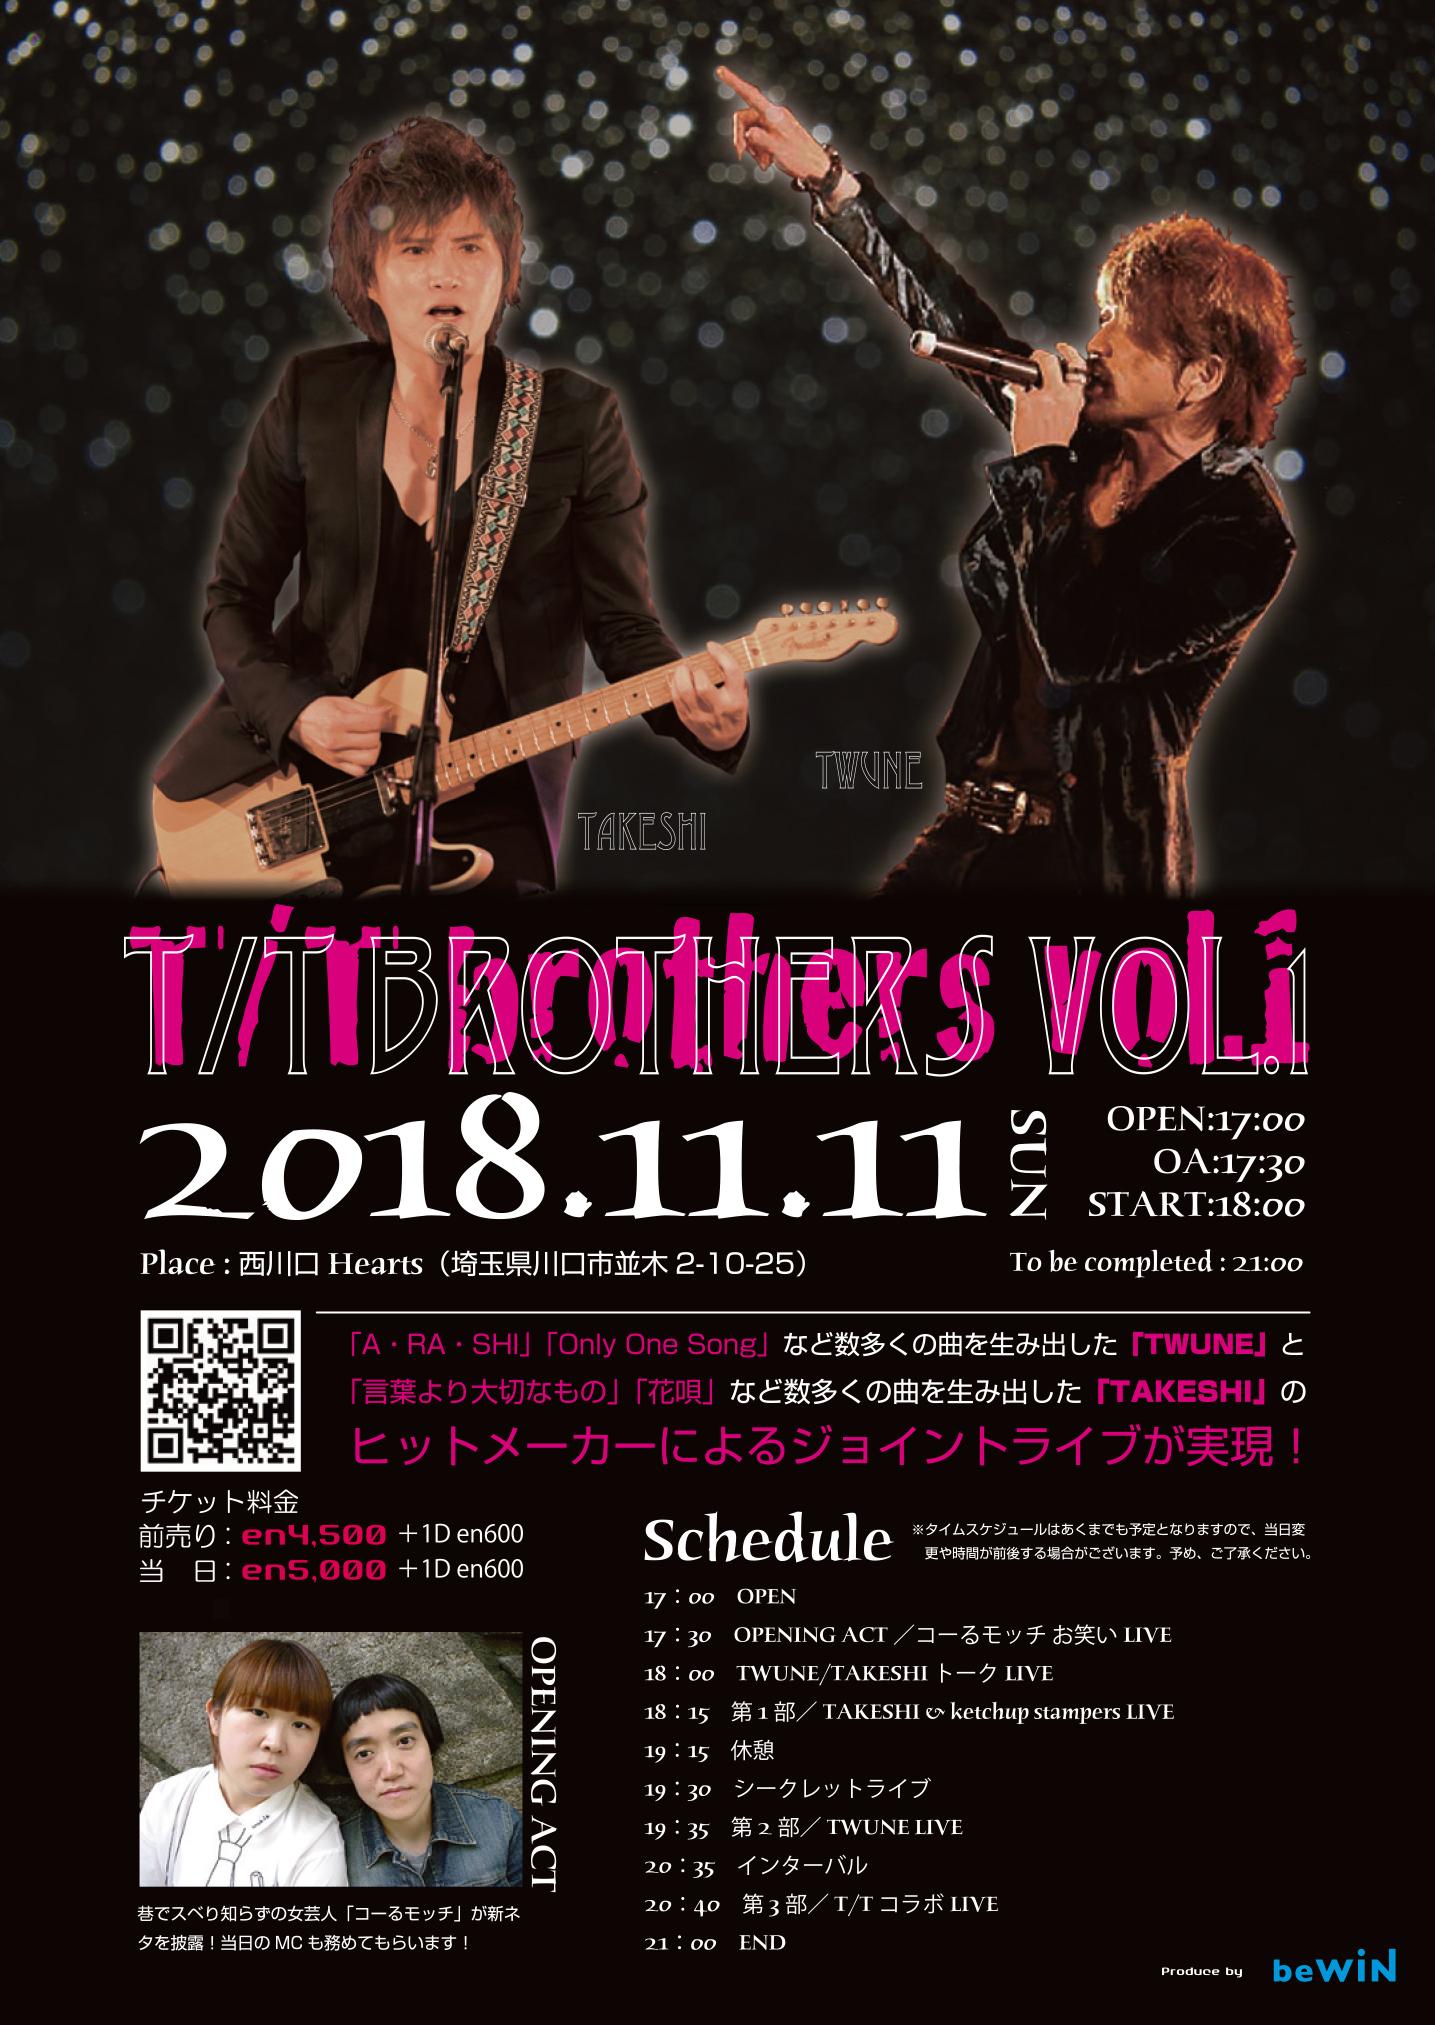 T/T brothers vol.1